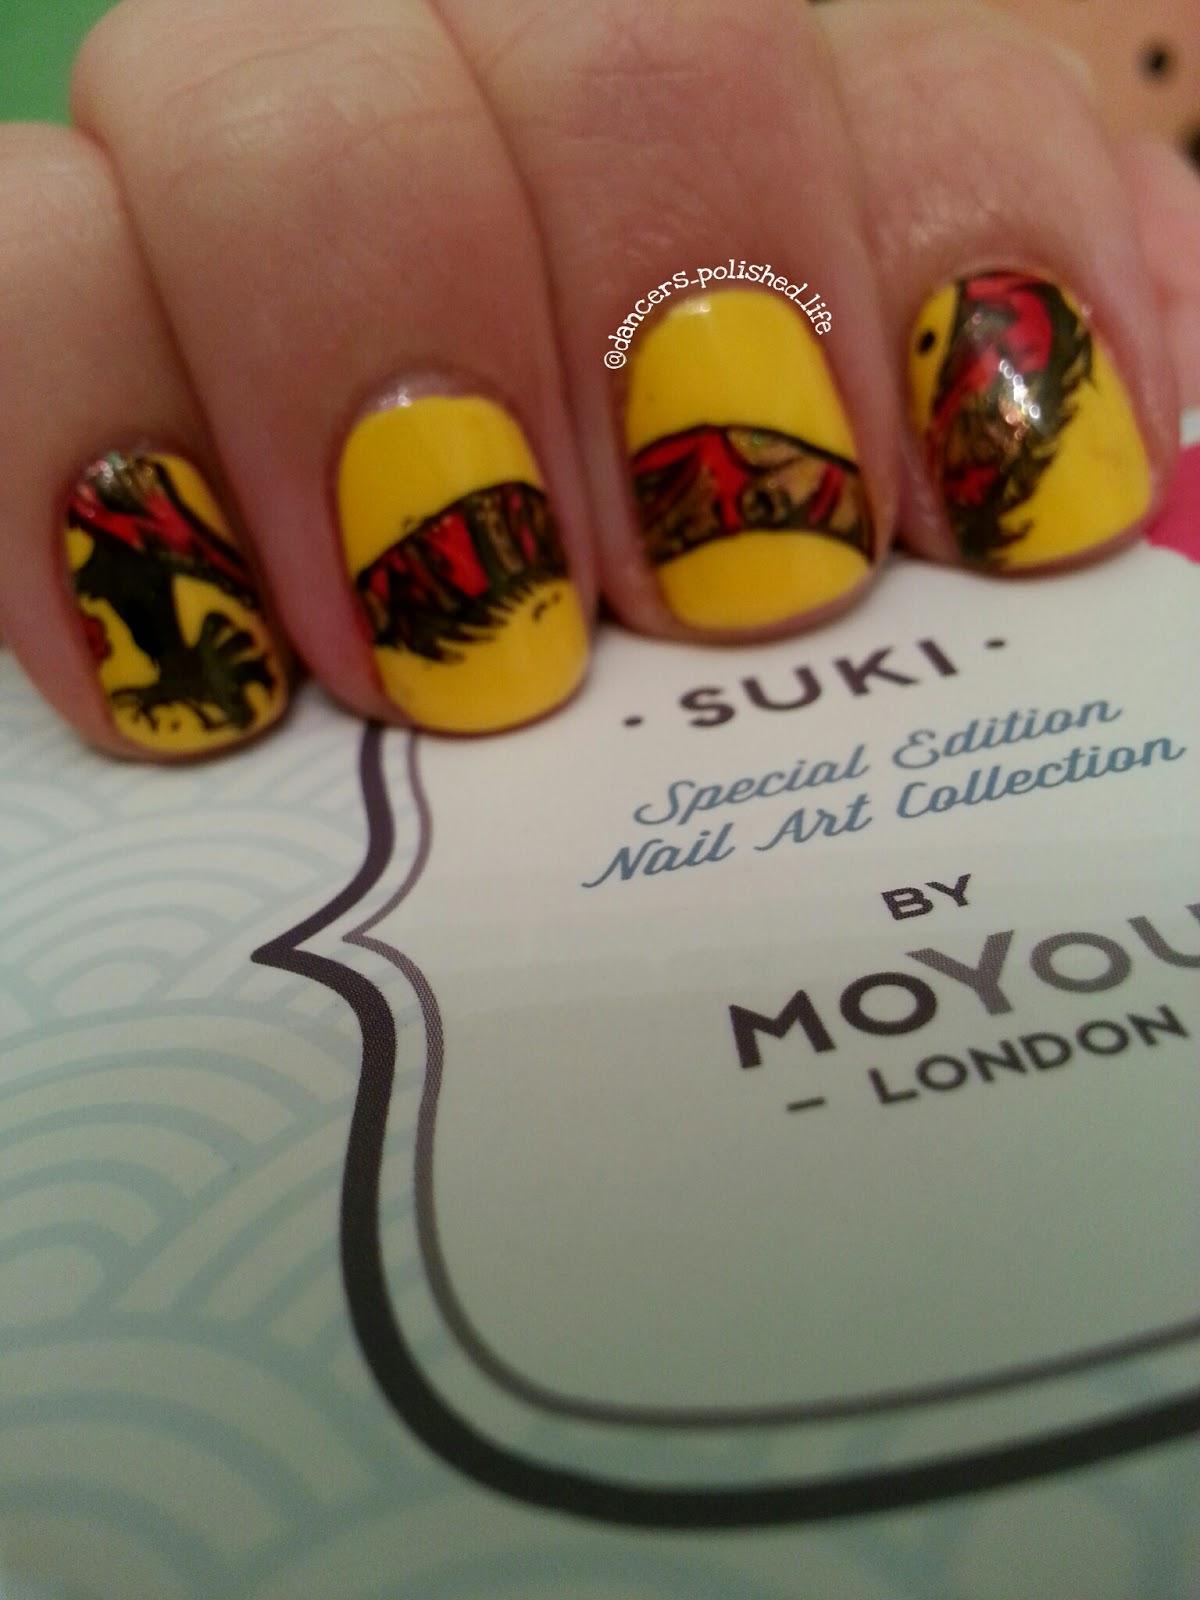 moyou-london-plate-suki